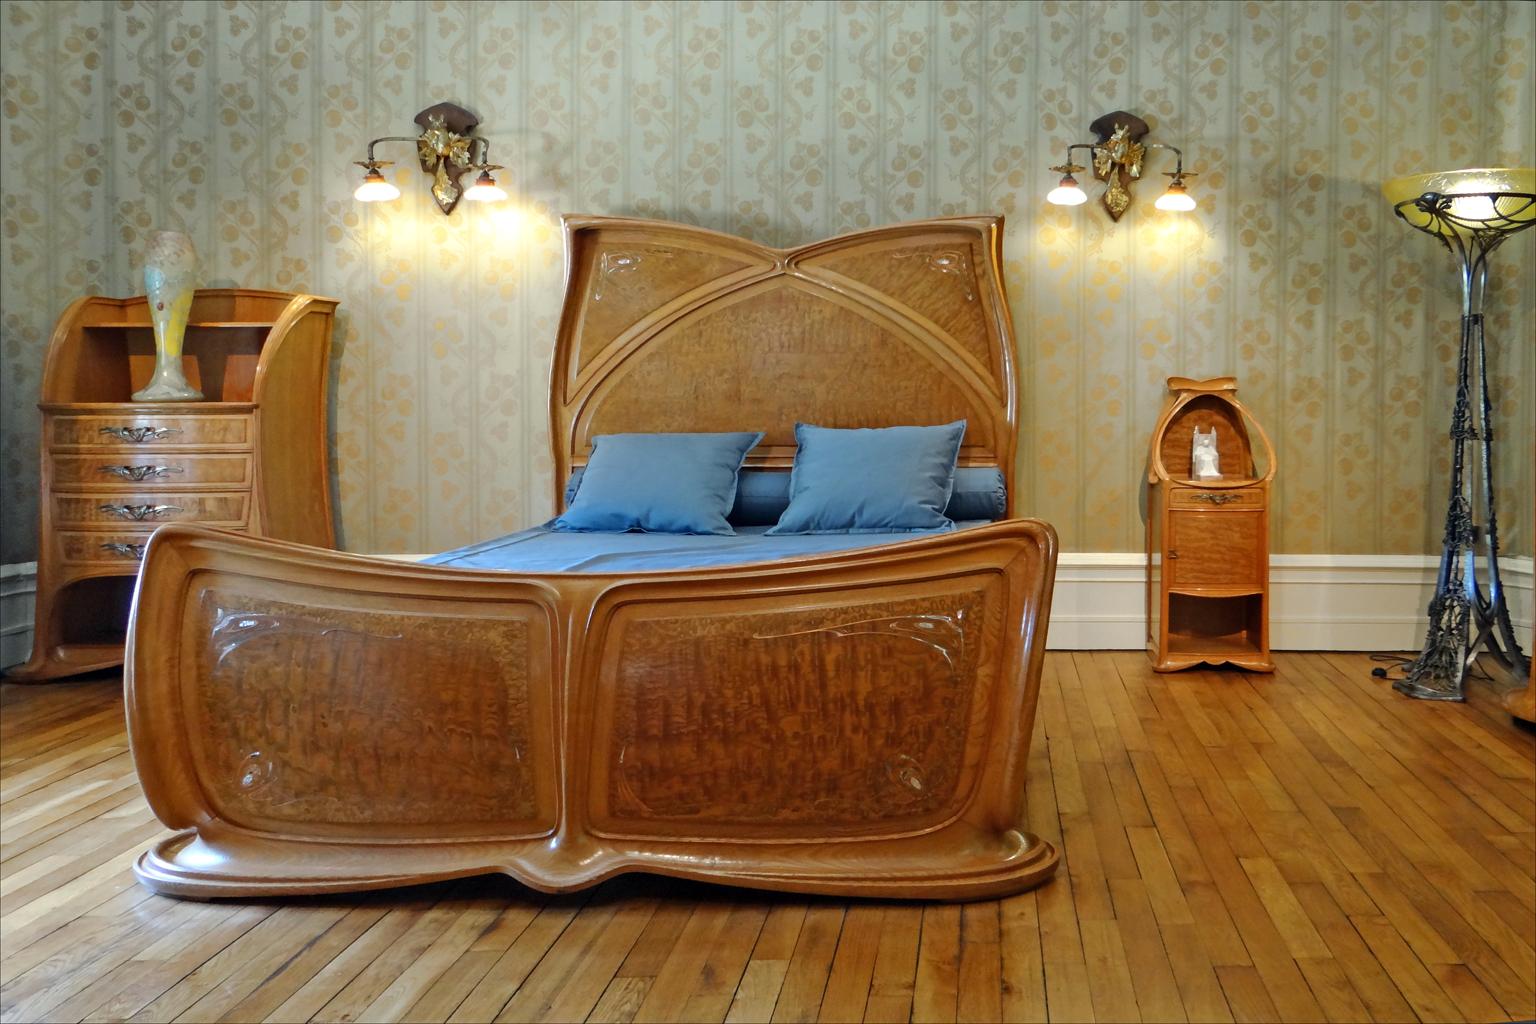 file chambre coucher art nouveau mus e de lecole de nancy 8029141171 jpg wikimedia commons. Black Bedroom Furniture Sets. Home Design Ideas